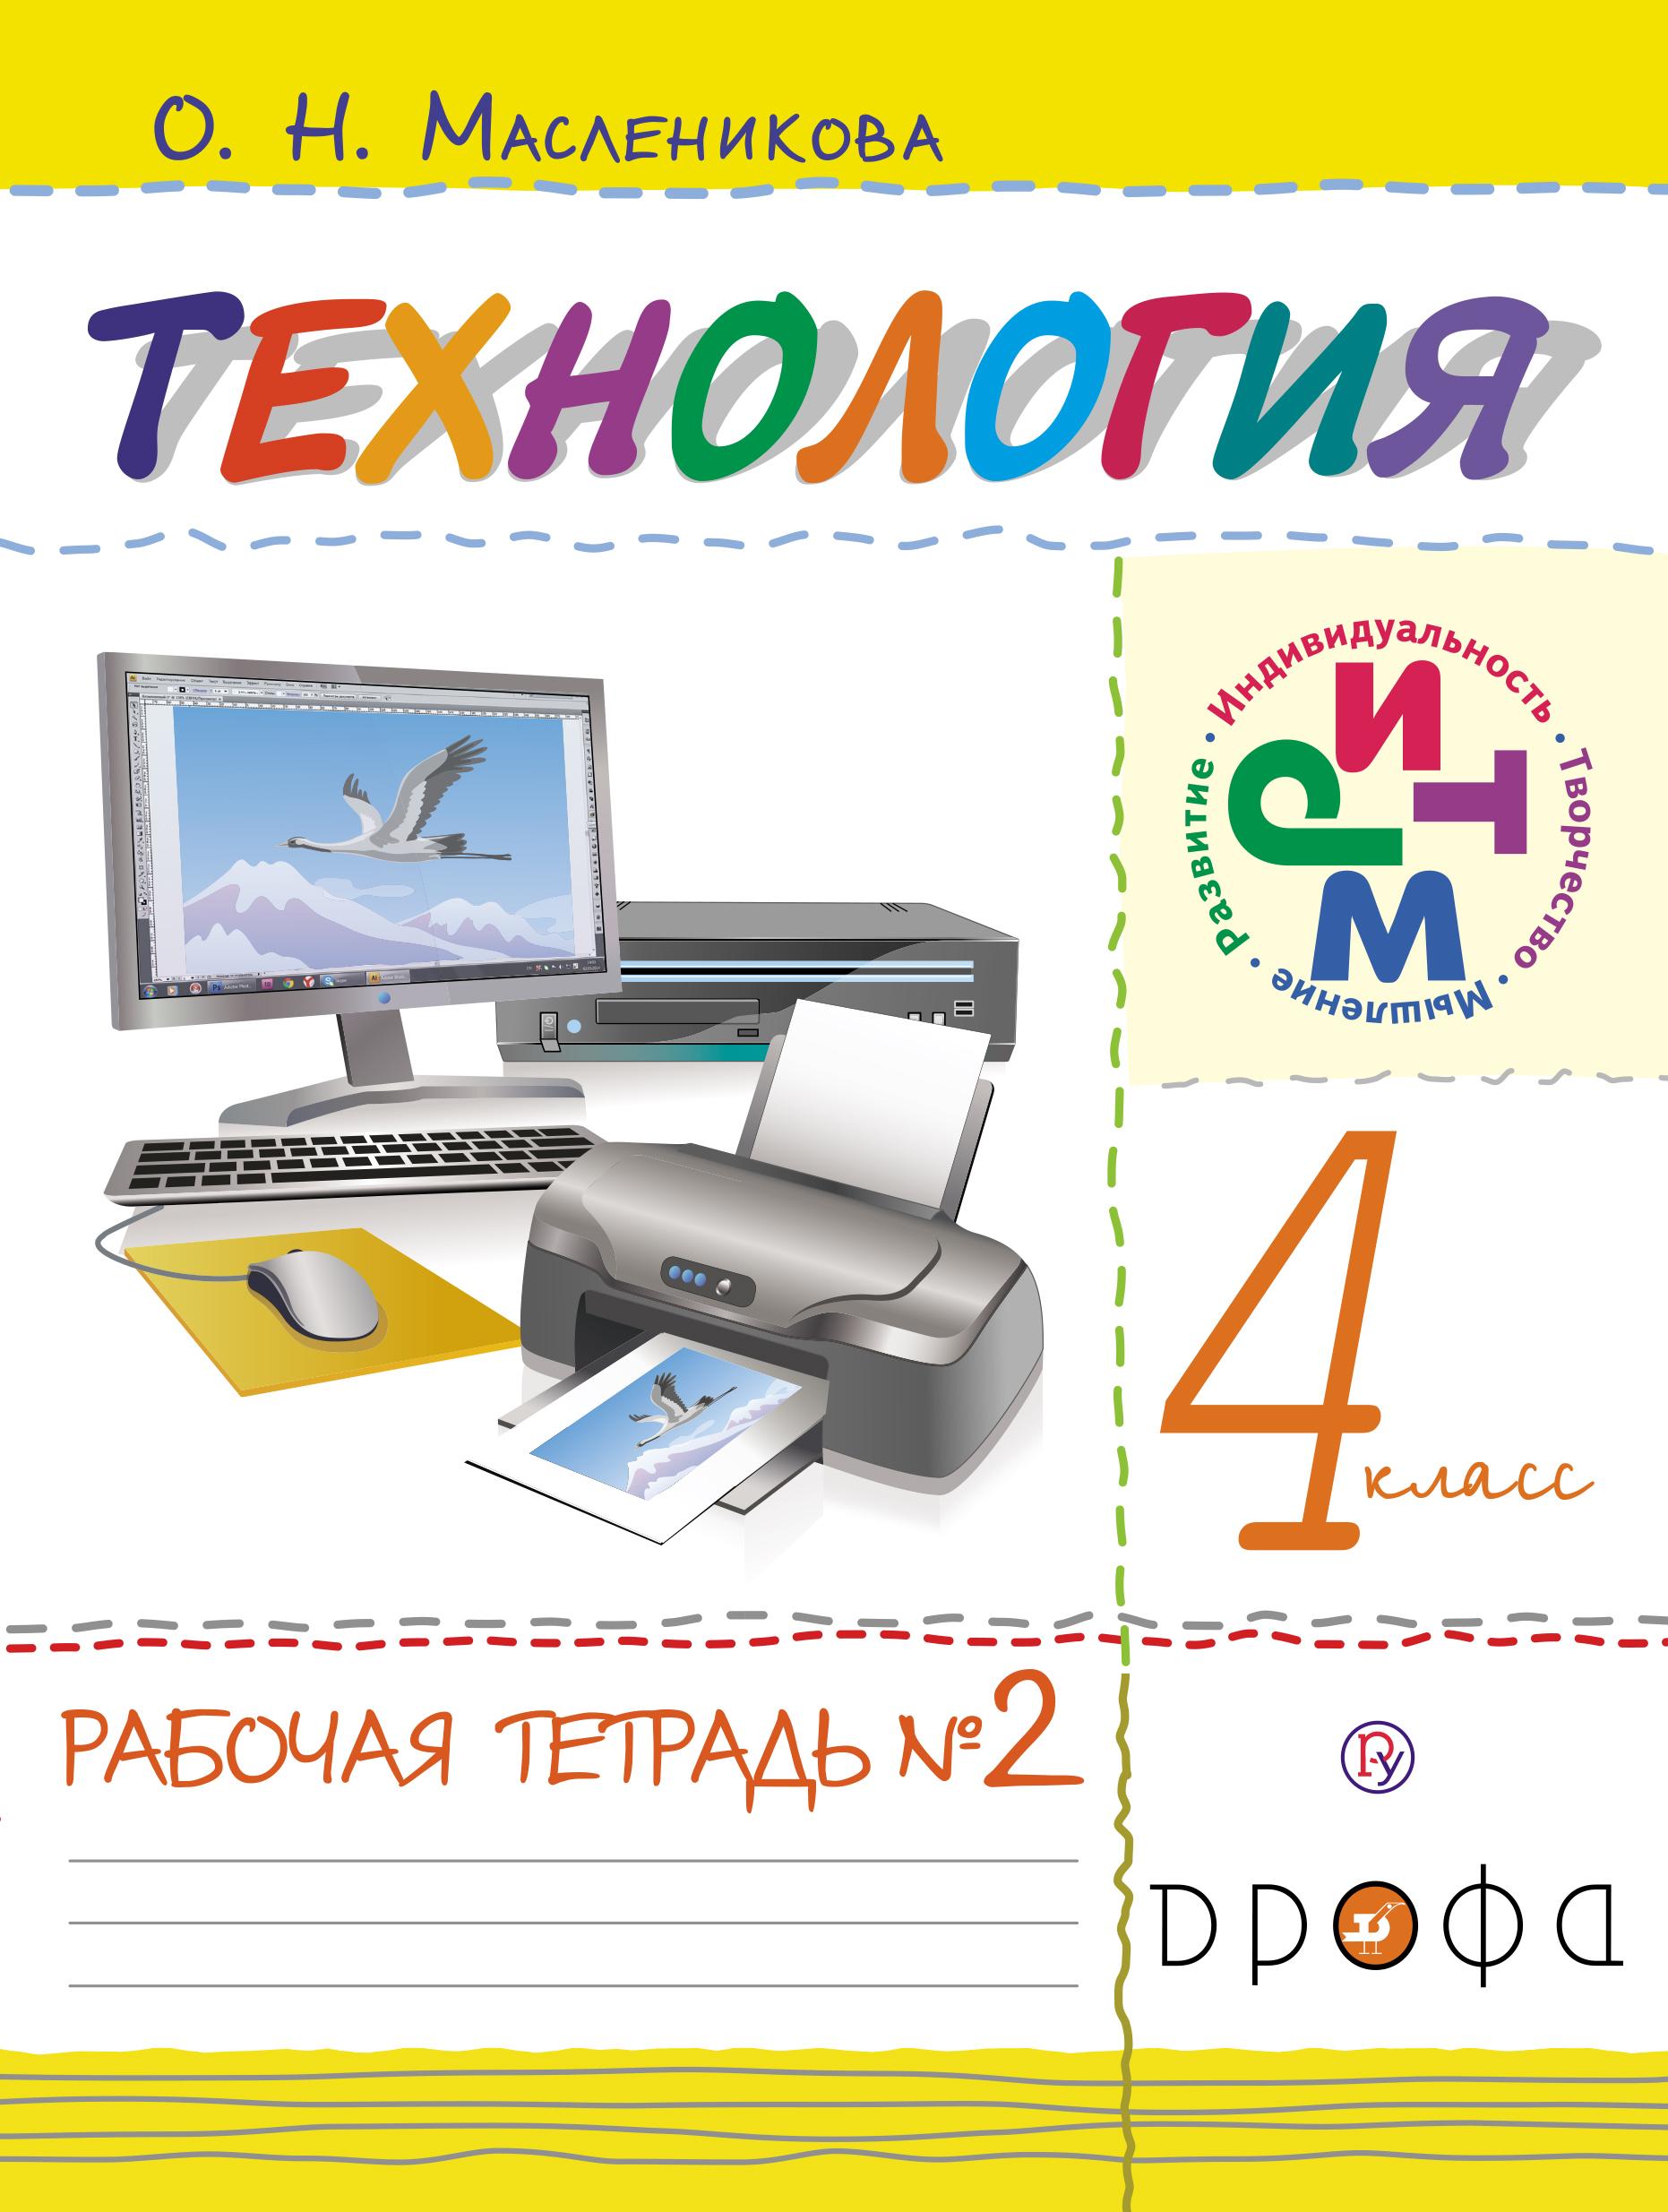 Масленикова О.Н. Технология. 4 класс. Рабочая тетрадь № 2 технология 4 класс рабочая тетрадь